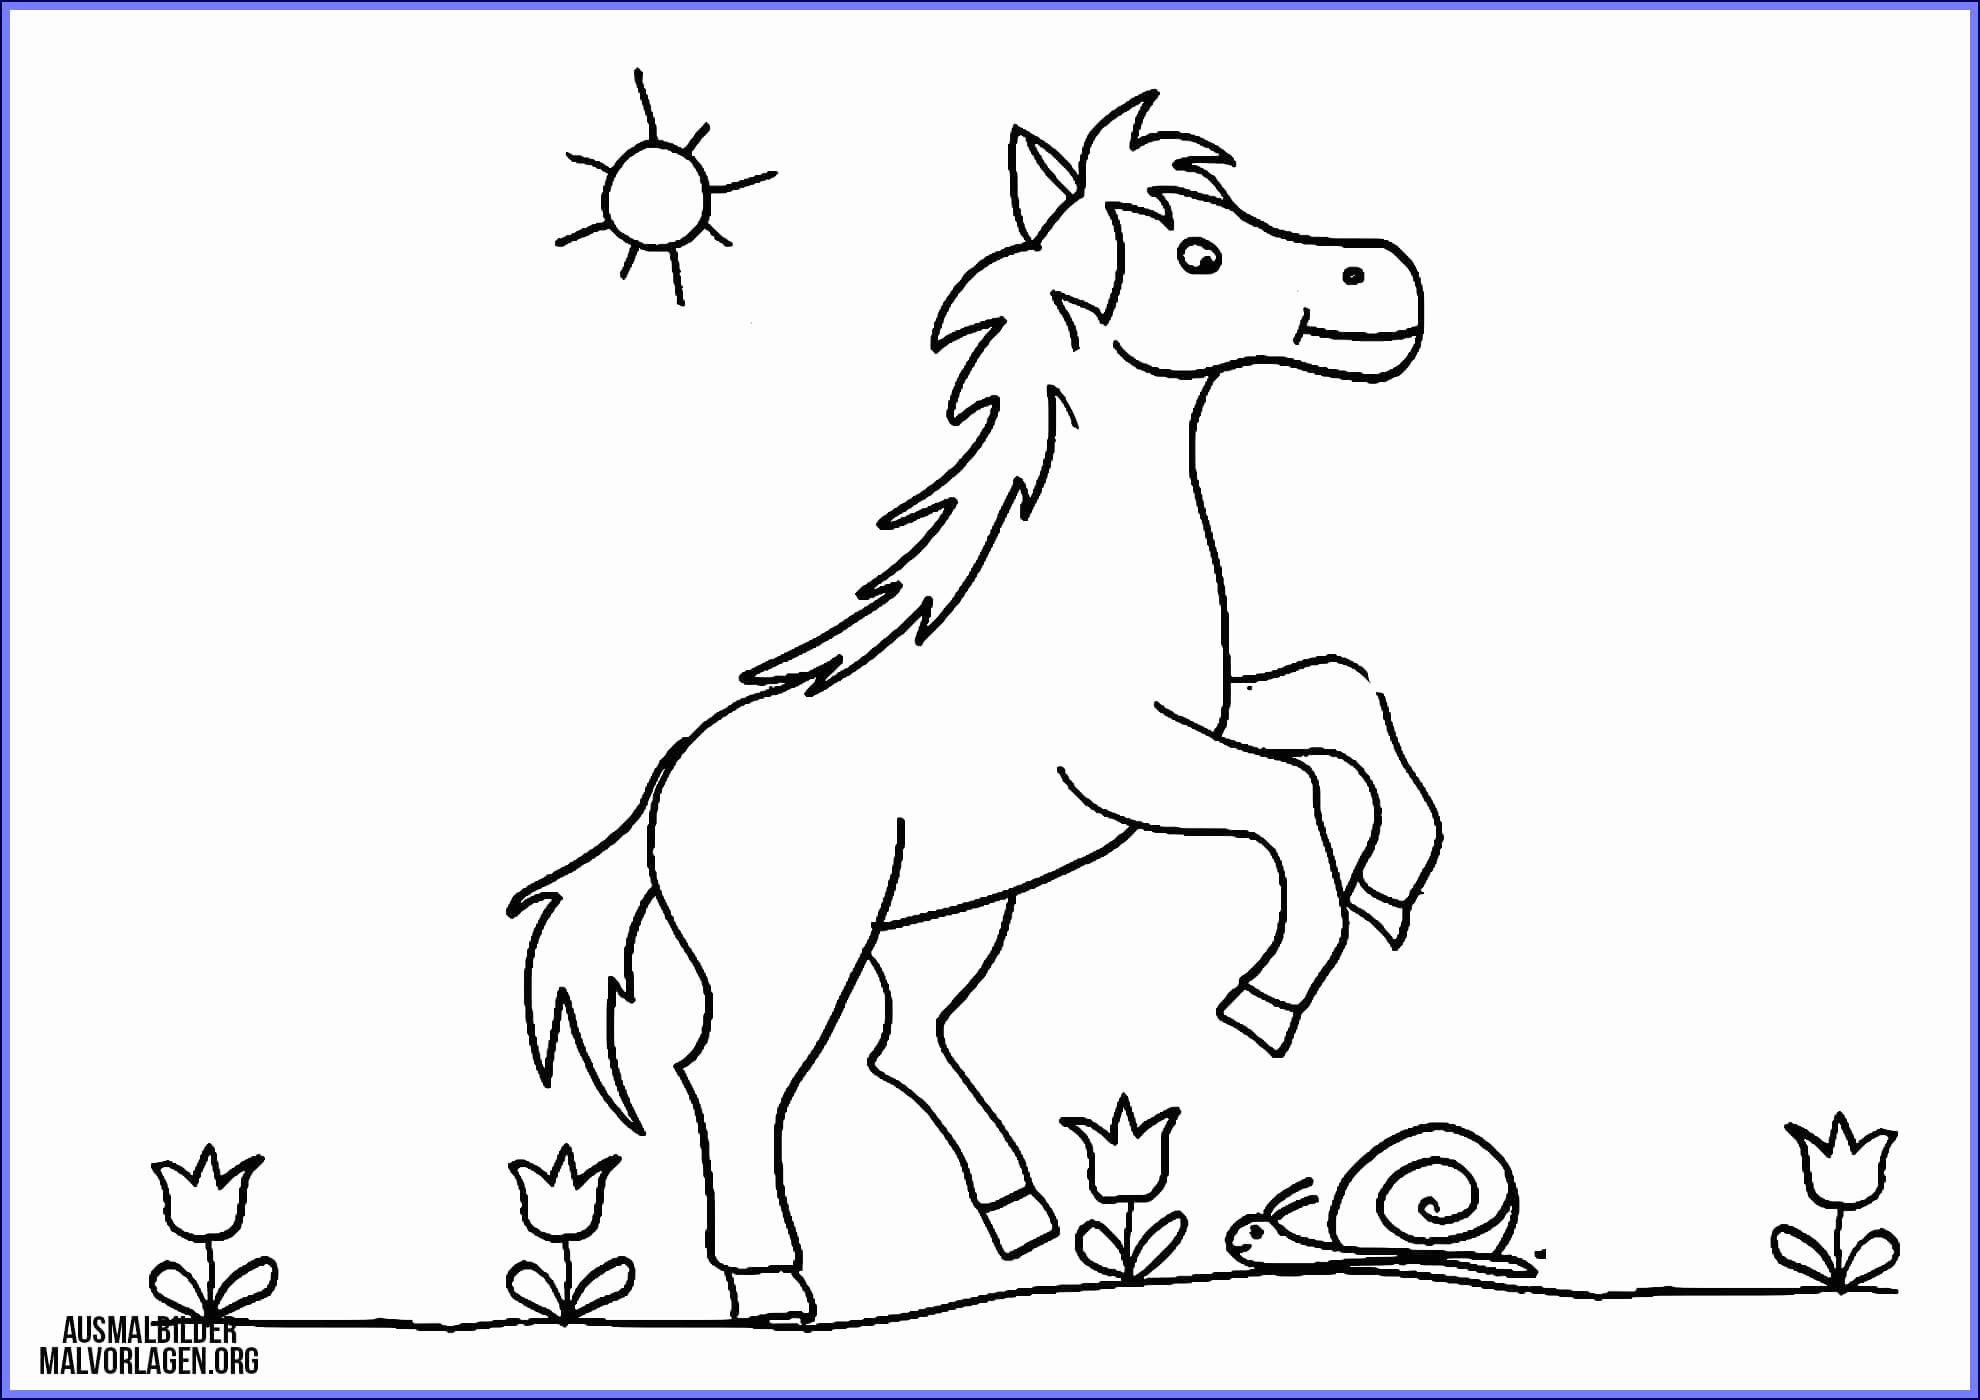 Filly Pferd Ausmalbilder Inspirierend Filly Pferd Ausmalbilder Schön 42 Neu Bild Von Ausmalbilder Von Bild